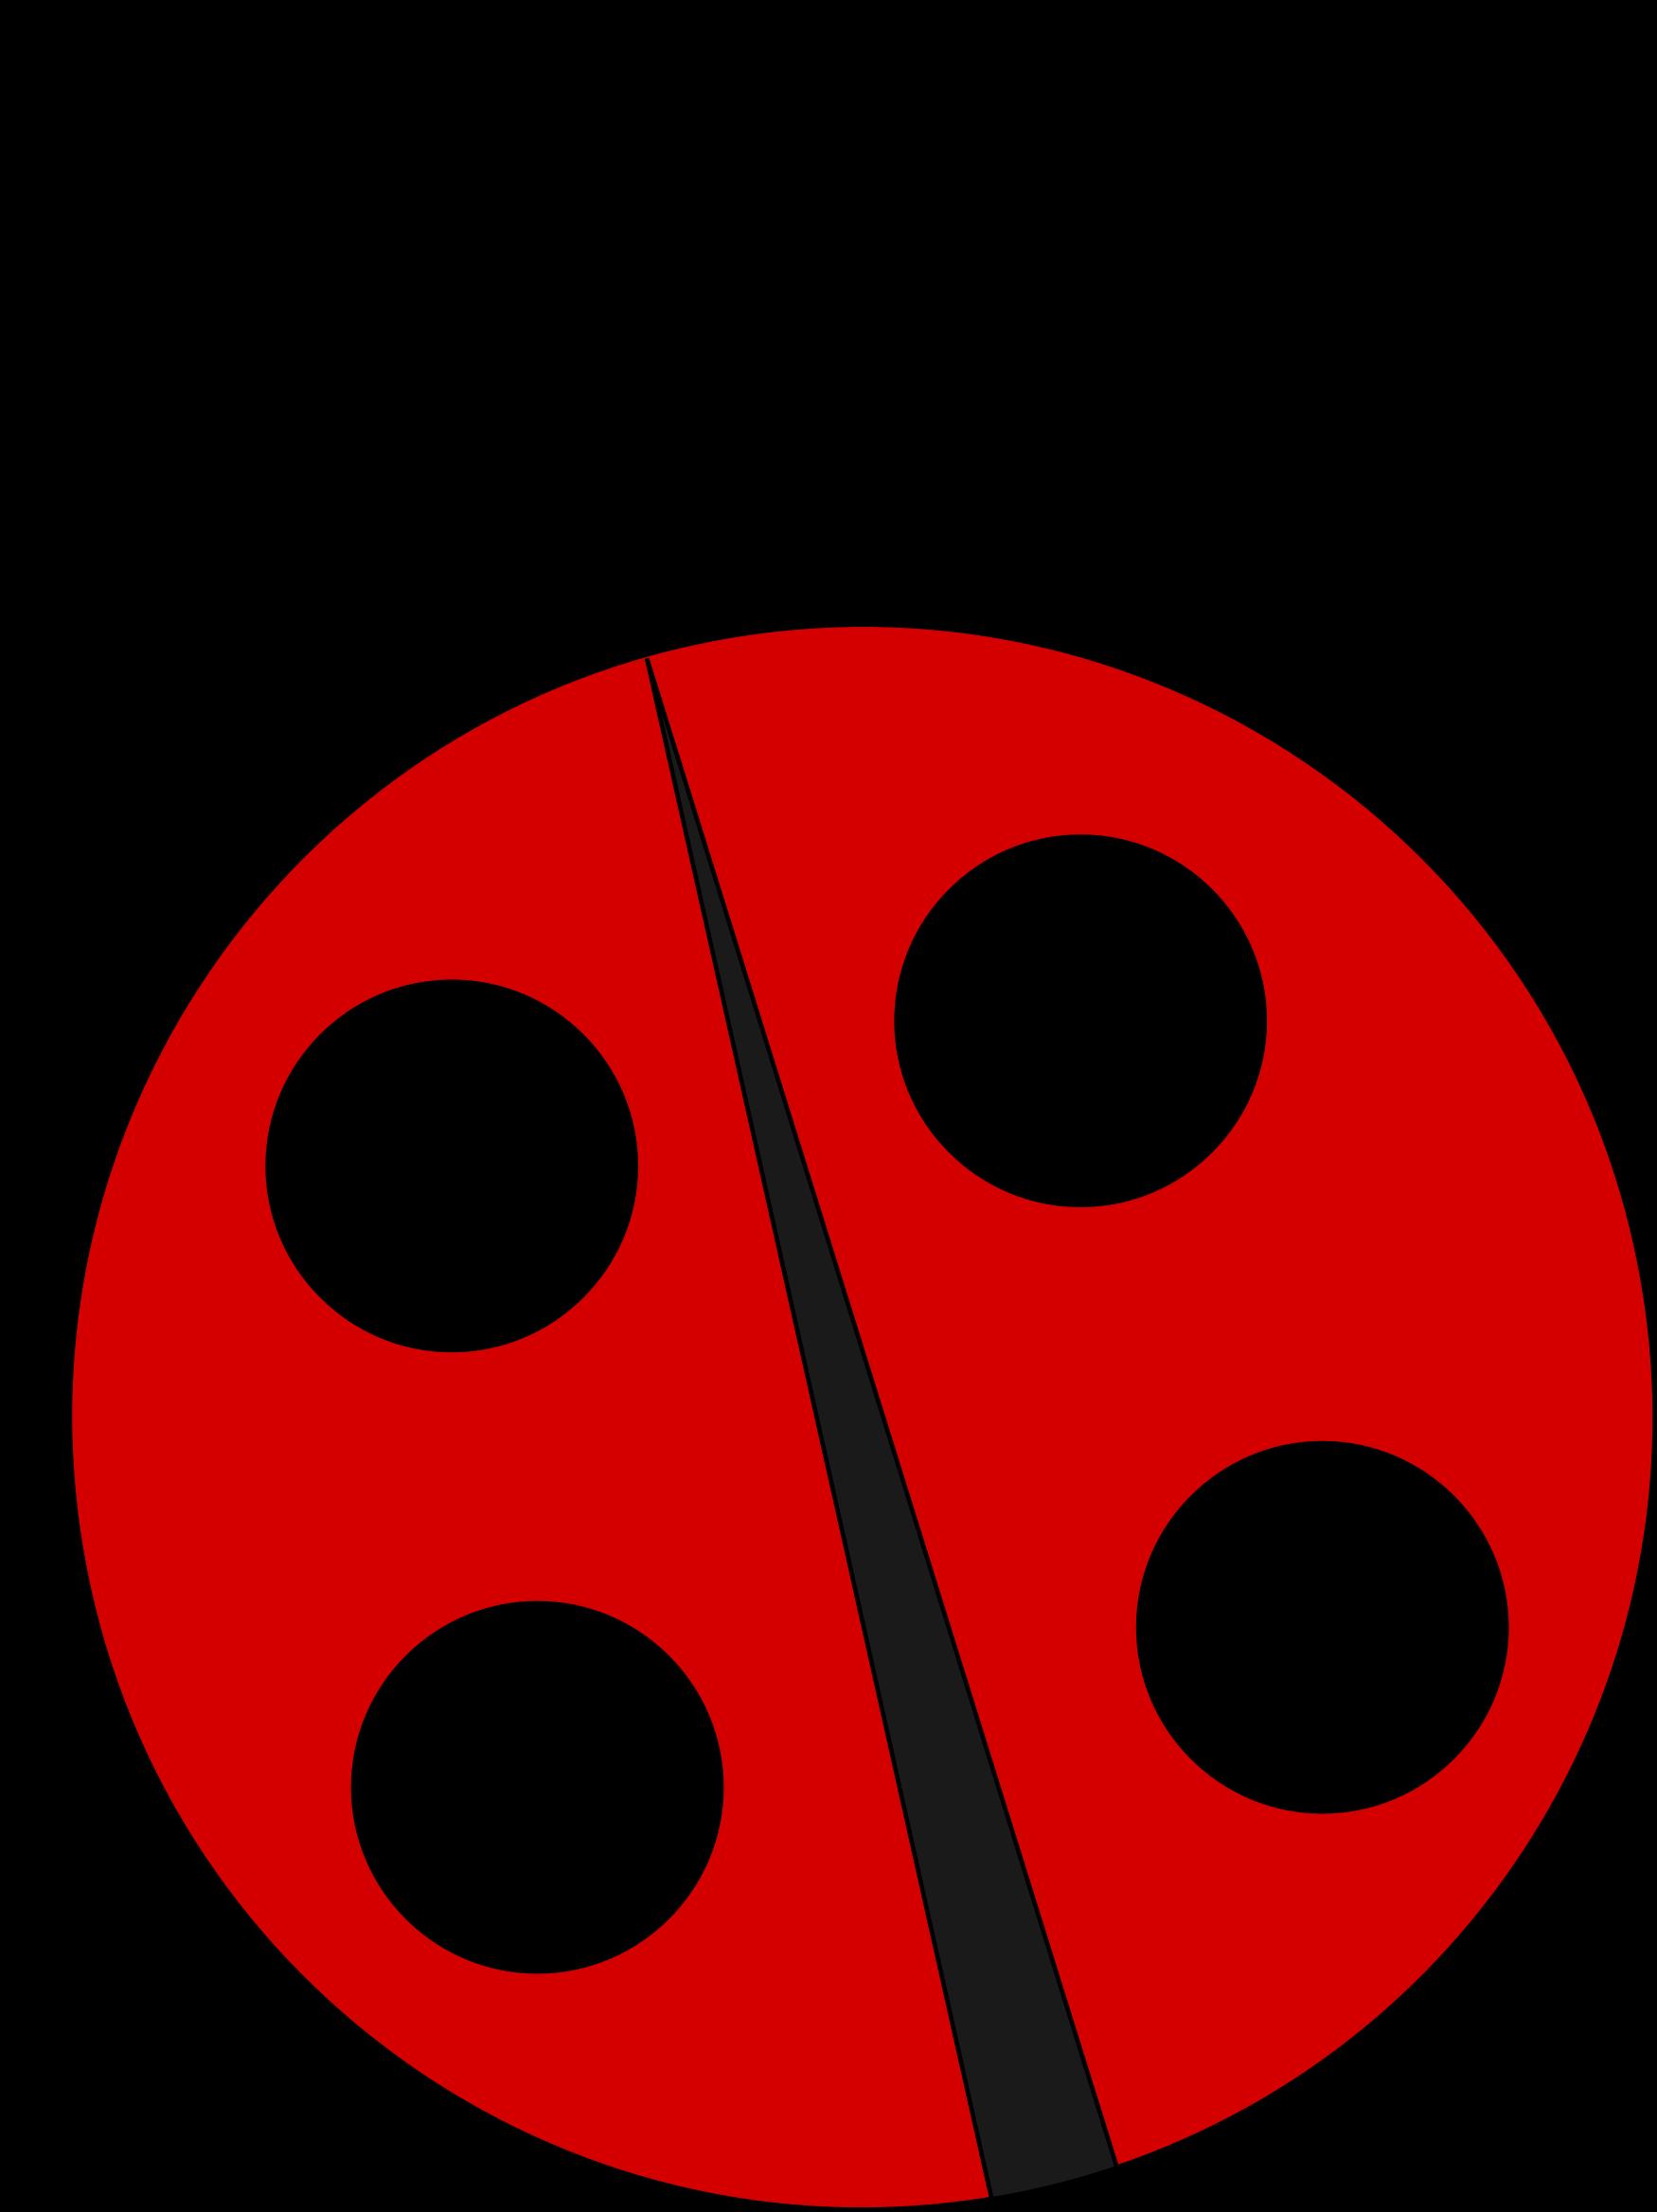 clipart ladybug rh openclipart org ladybugs clip art free images ladybugs clip art free